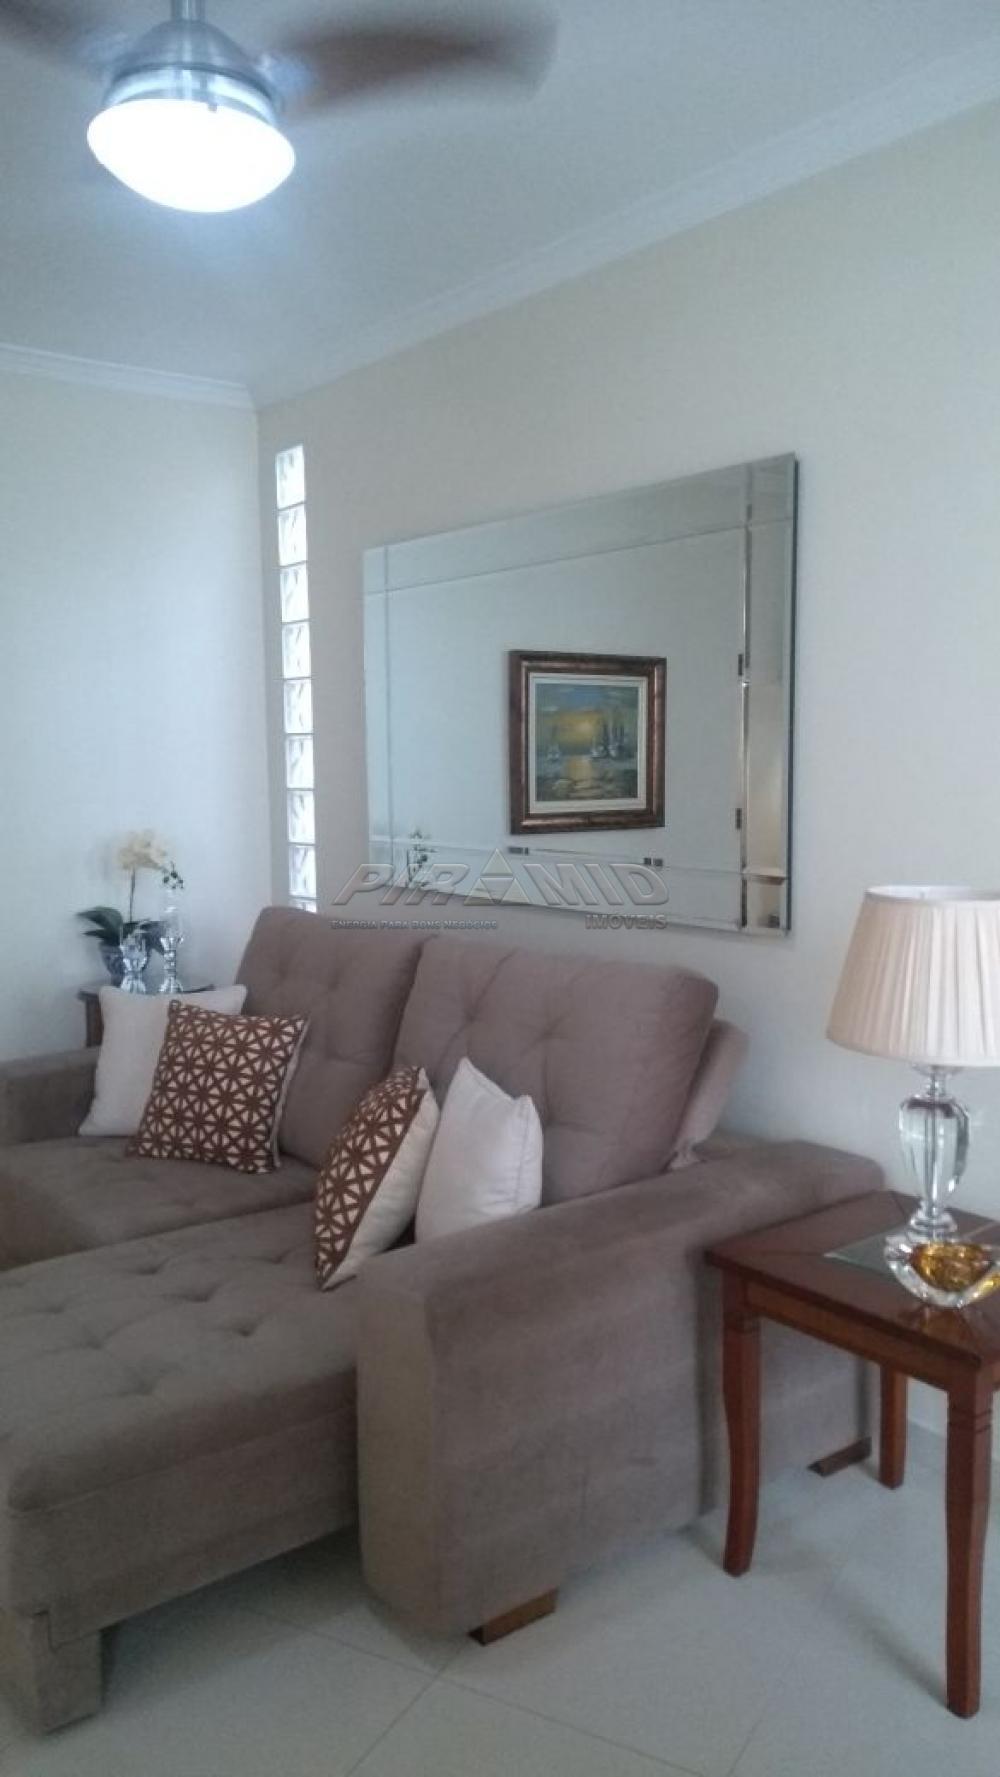 Comprar Casa / Condomínio em Ribeirão Preto apenas R$ 850.000,00 - Foto 7